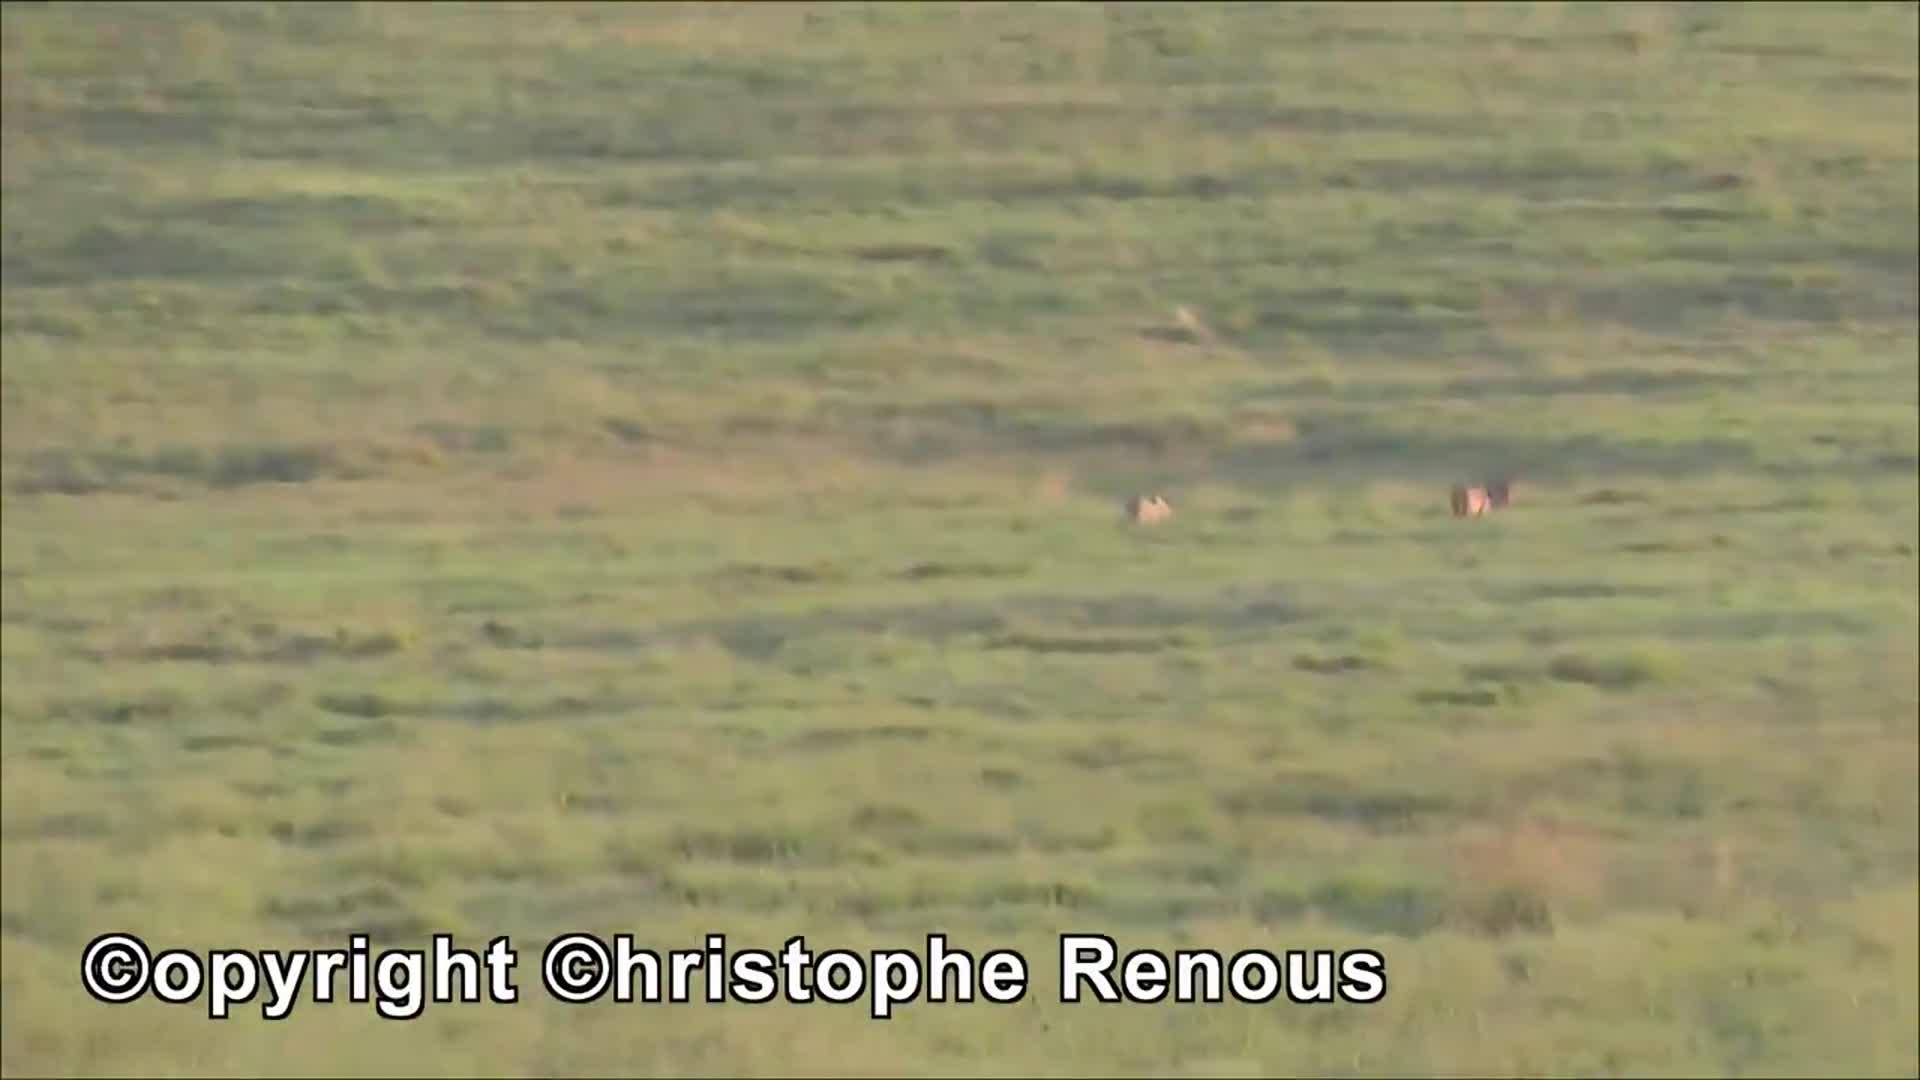 Sư tử tập kích trâu rừng bất thành. Nguồn: Christophe renous